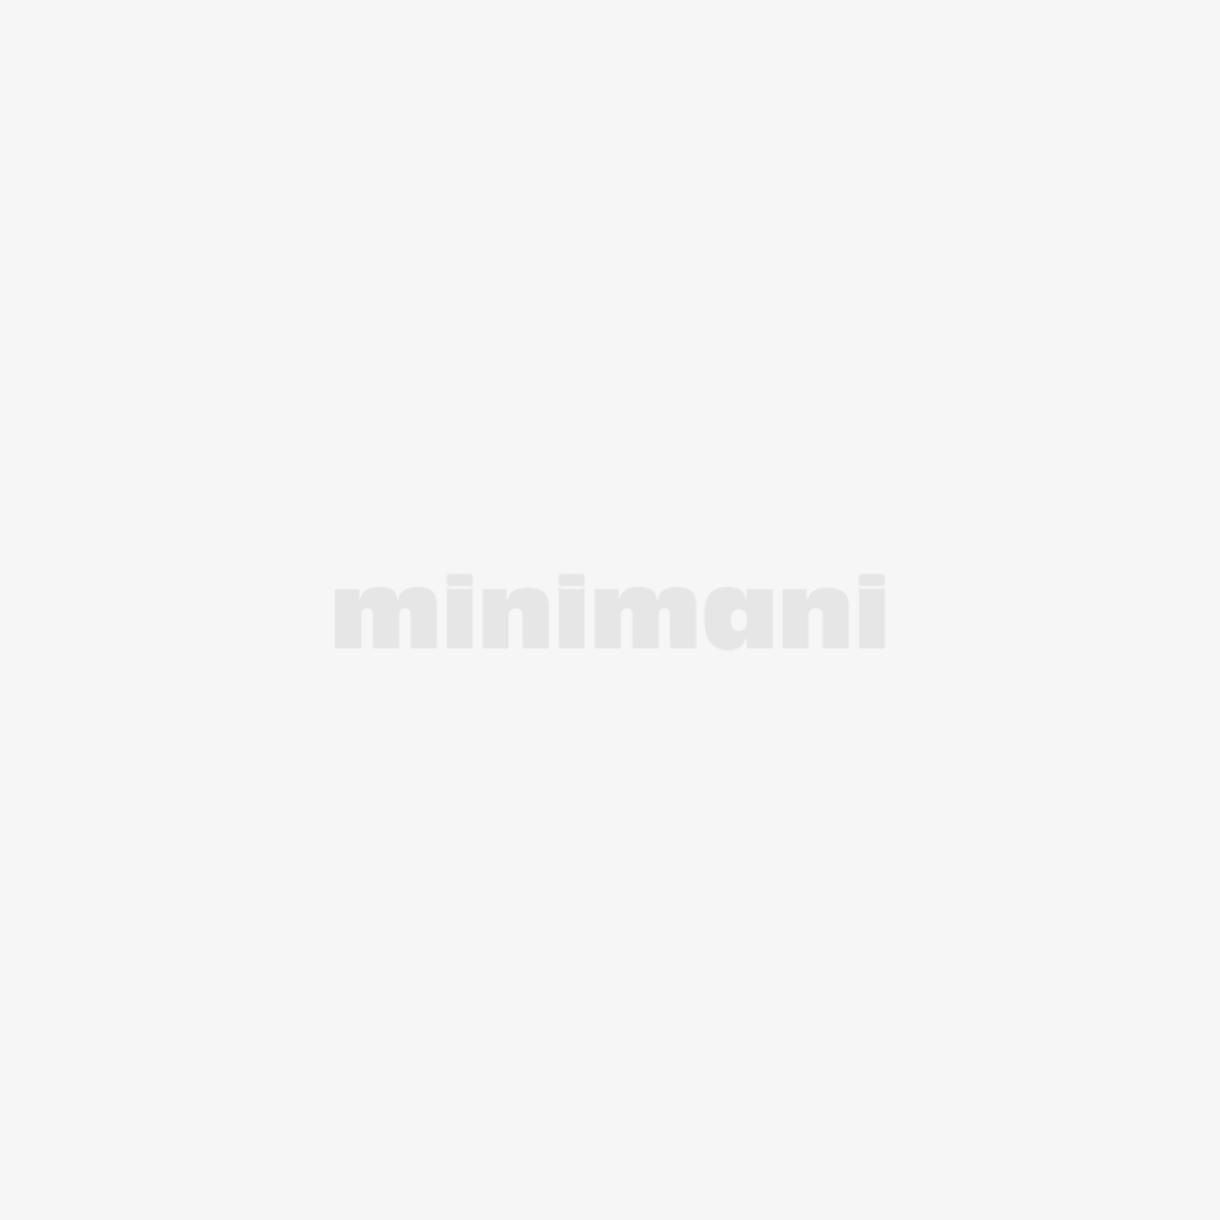 M-FILTER RAITISILMASUODATIN MAC 8025